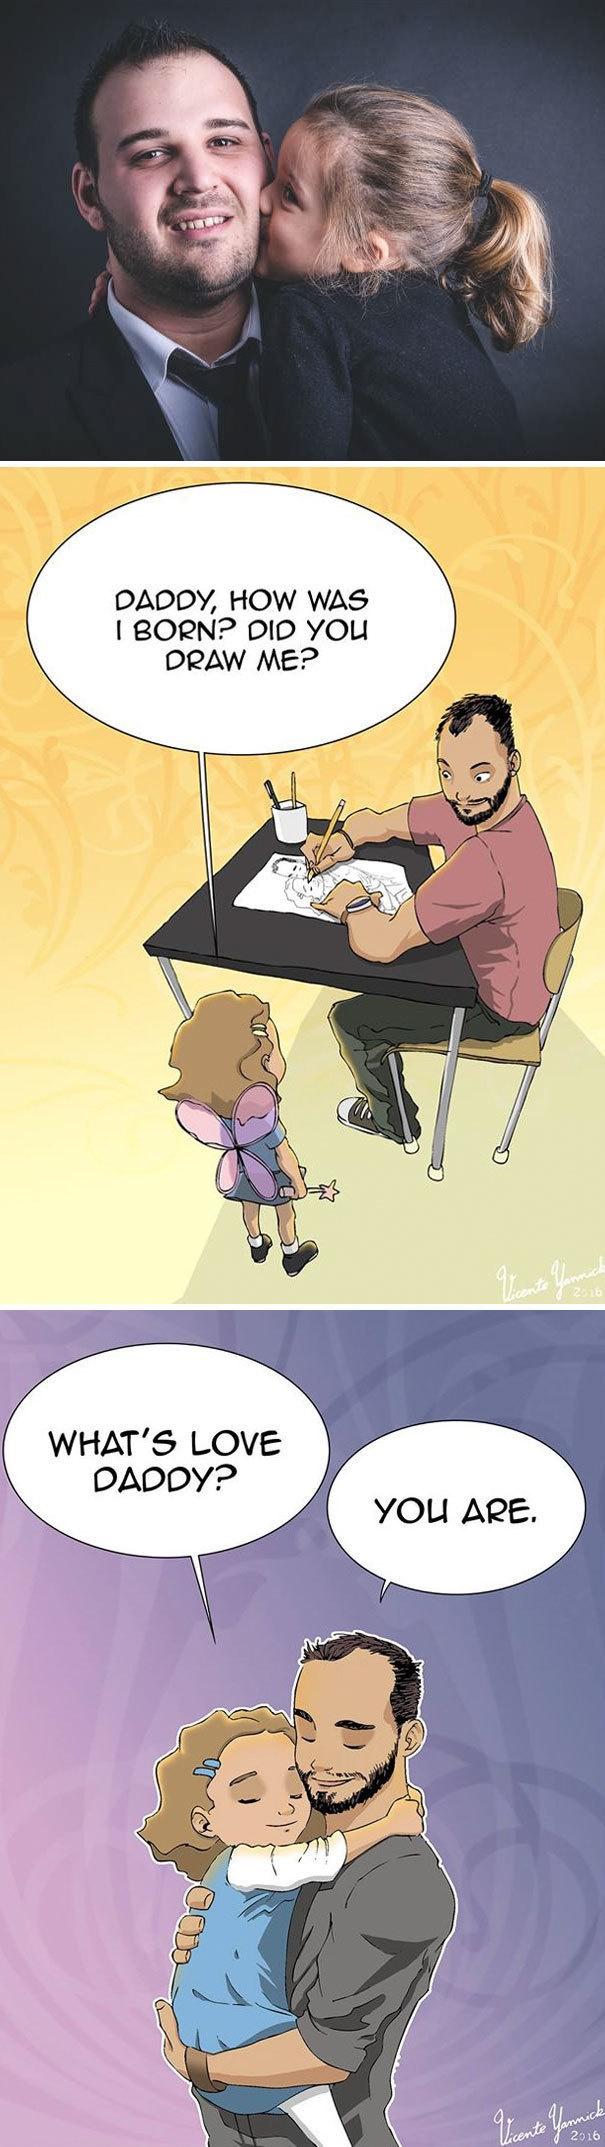 """Và đây là cuộc sống """"gà trống nuôi con"""" của một ông bố họa sĩ truyện tranh."""